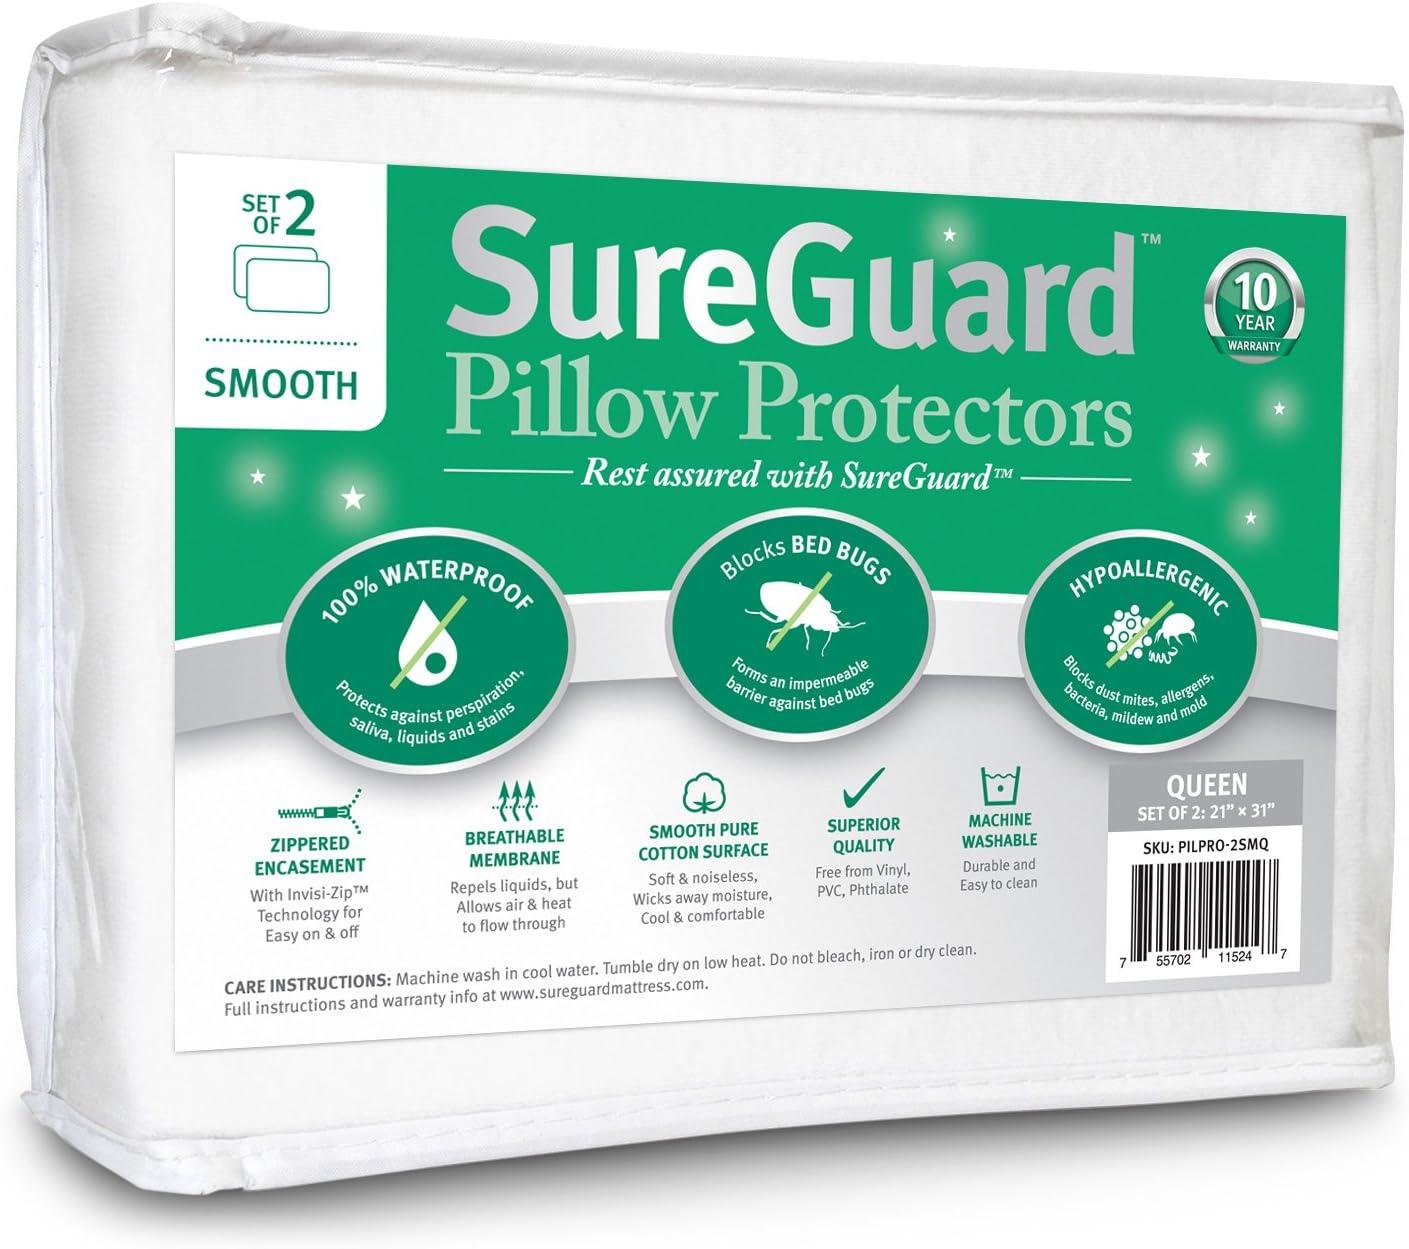 Set of 2 Smooth SureGuard Pillow Protectors - 100% Waterproof, Bed Bug Proof, Hypoallergenic - Premium Zippered Cotton - 10 Year Warranty - Queen Size